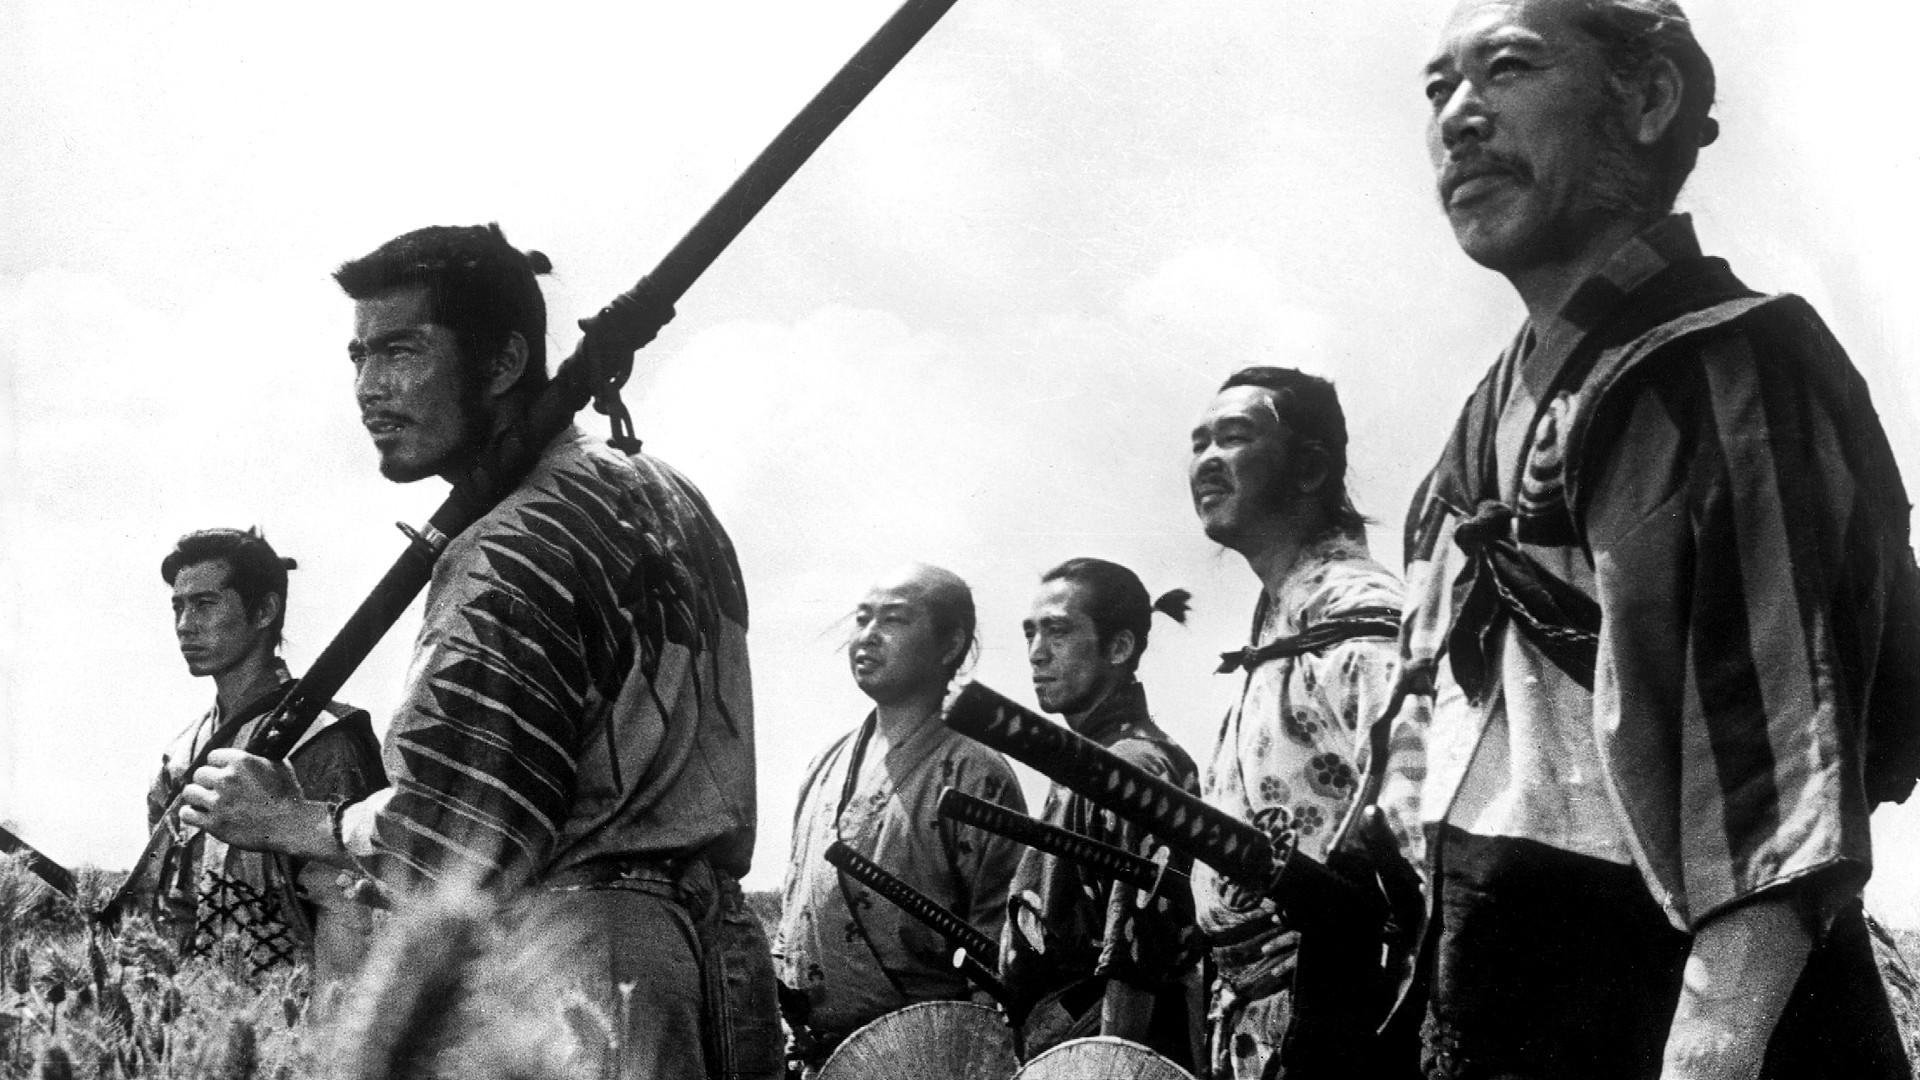 7-samurai